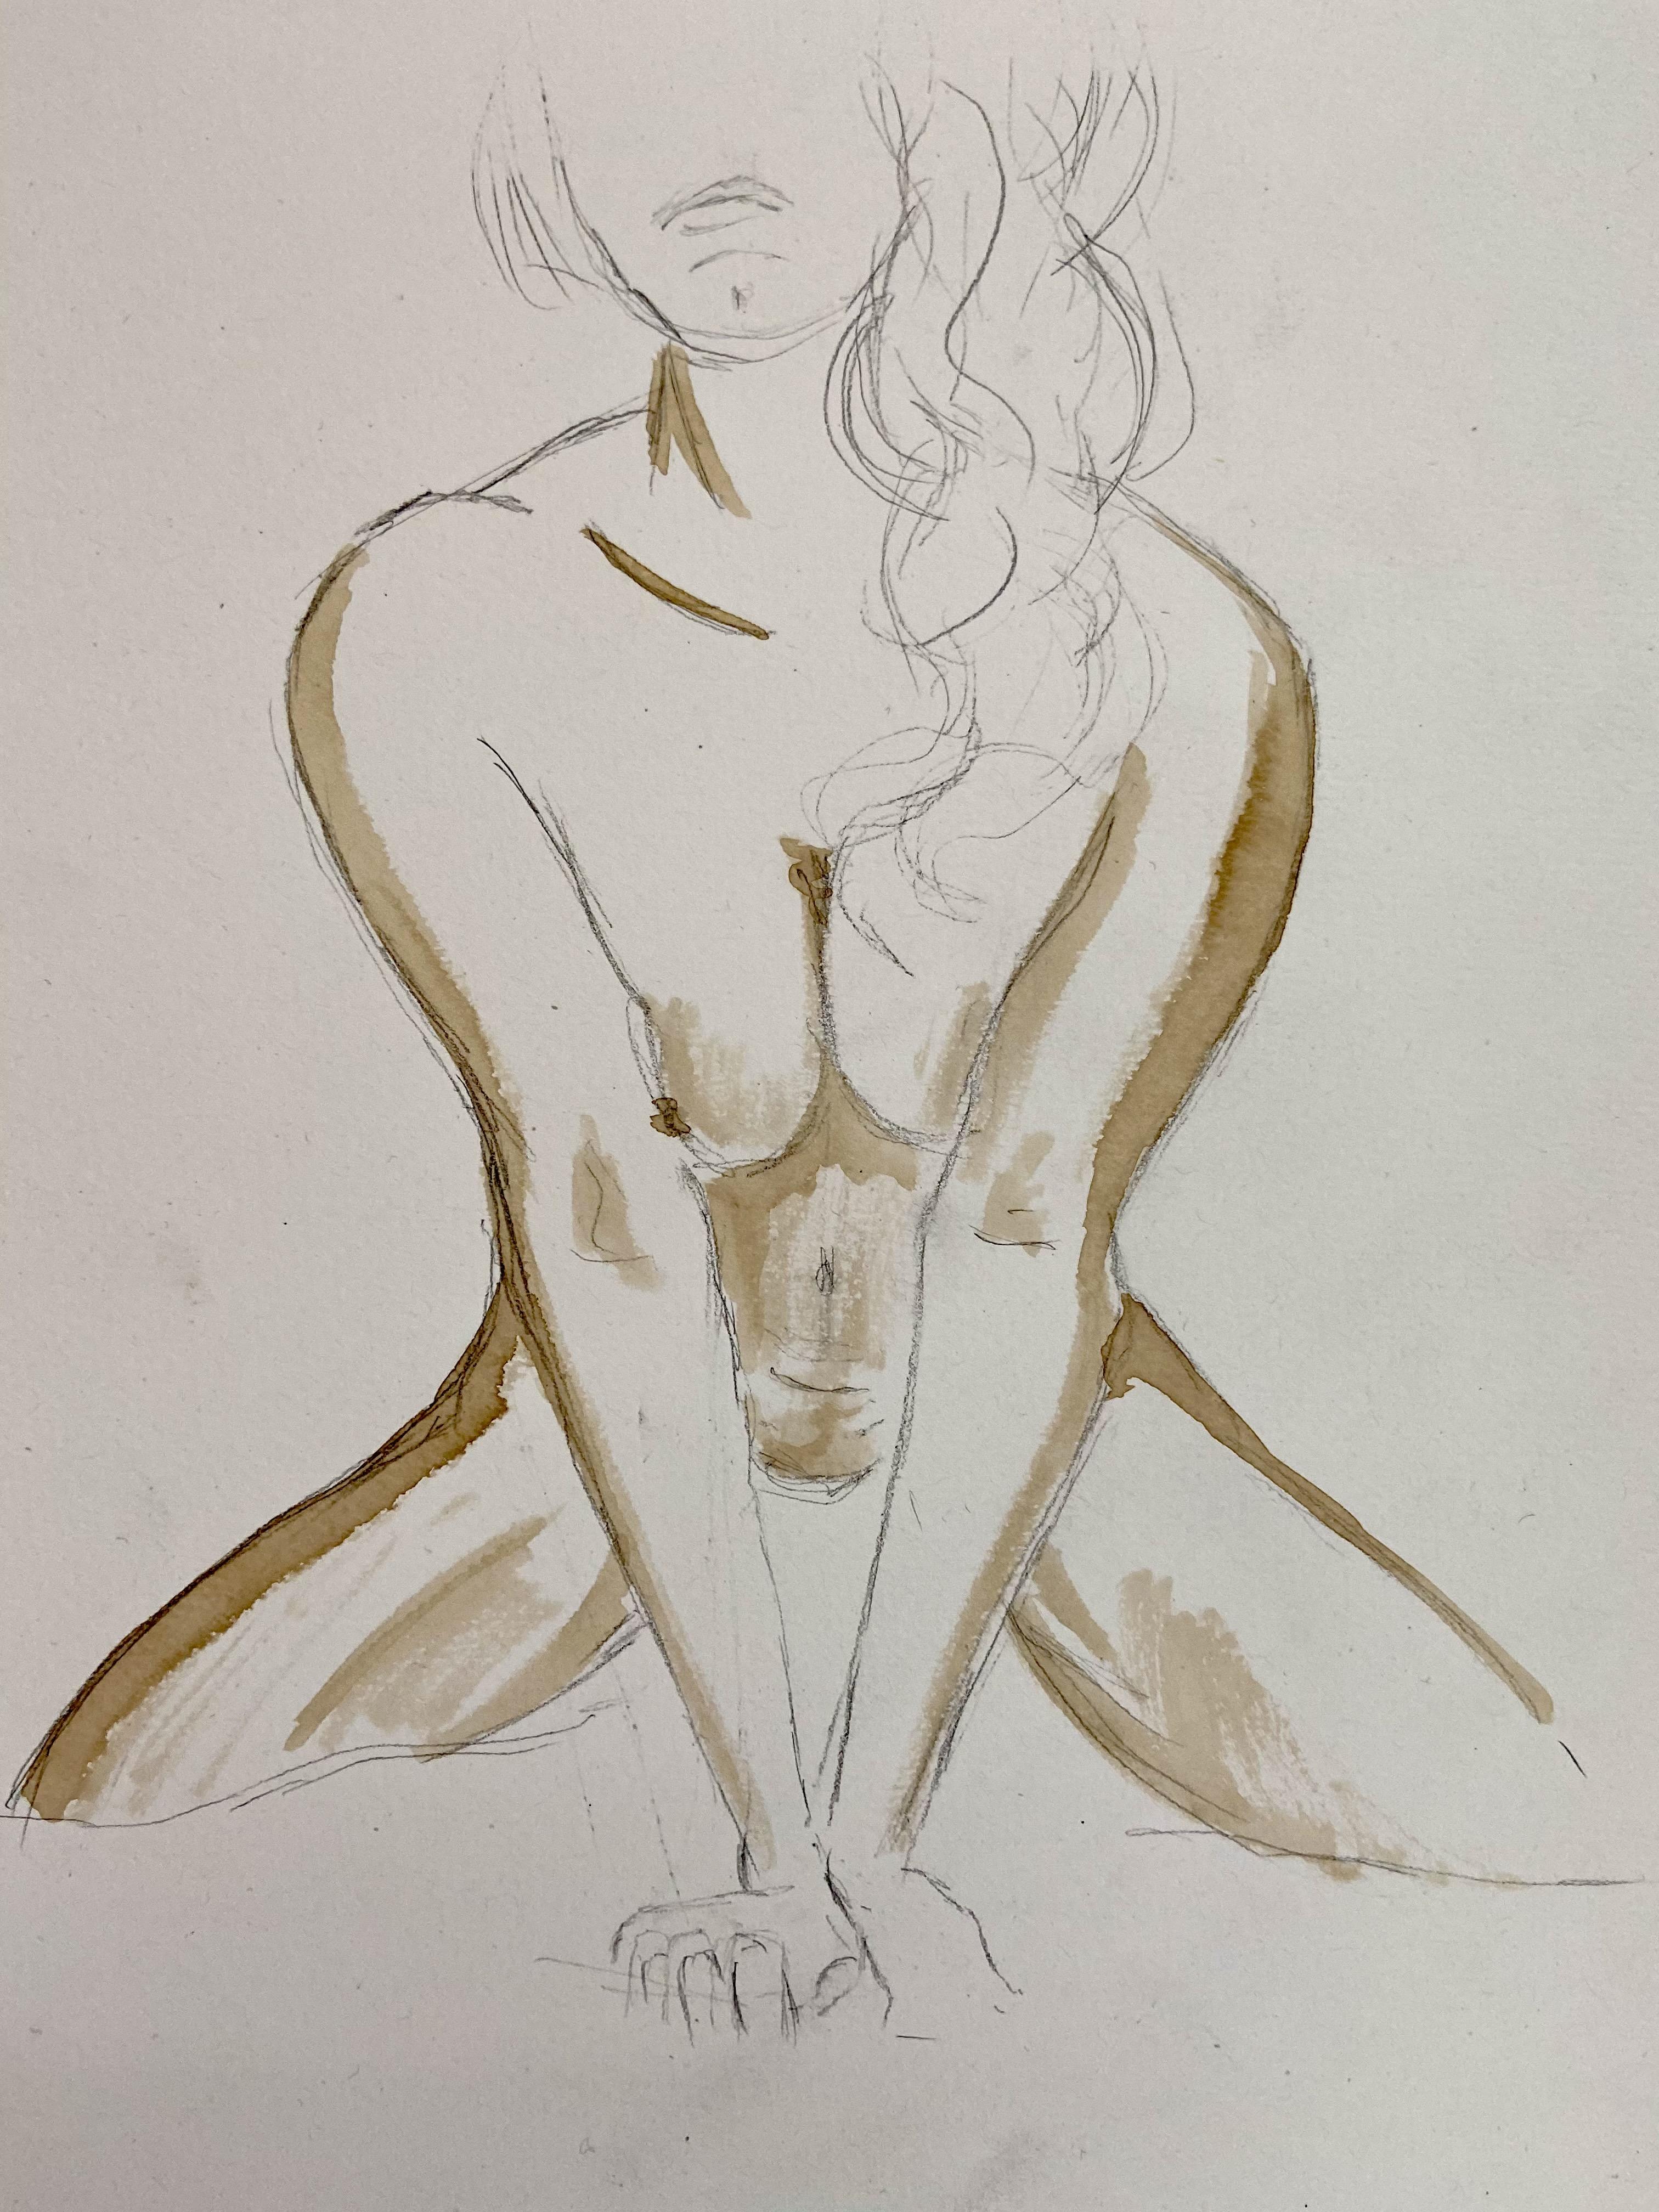 Dessin crayon de papier femme fasse assise avec brou de noix valeurs de gris  cours de dessin